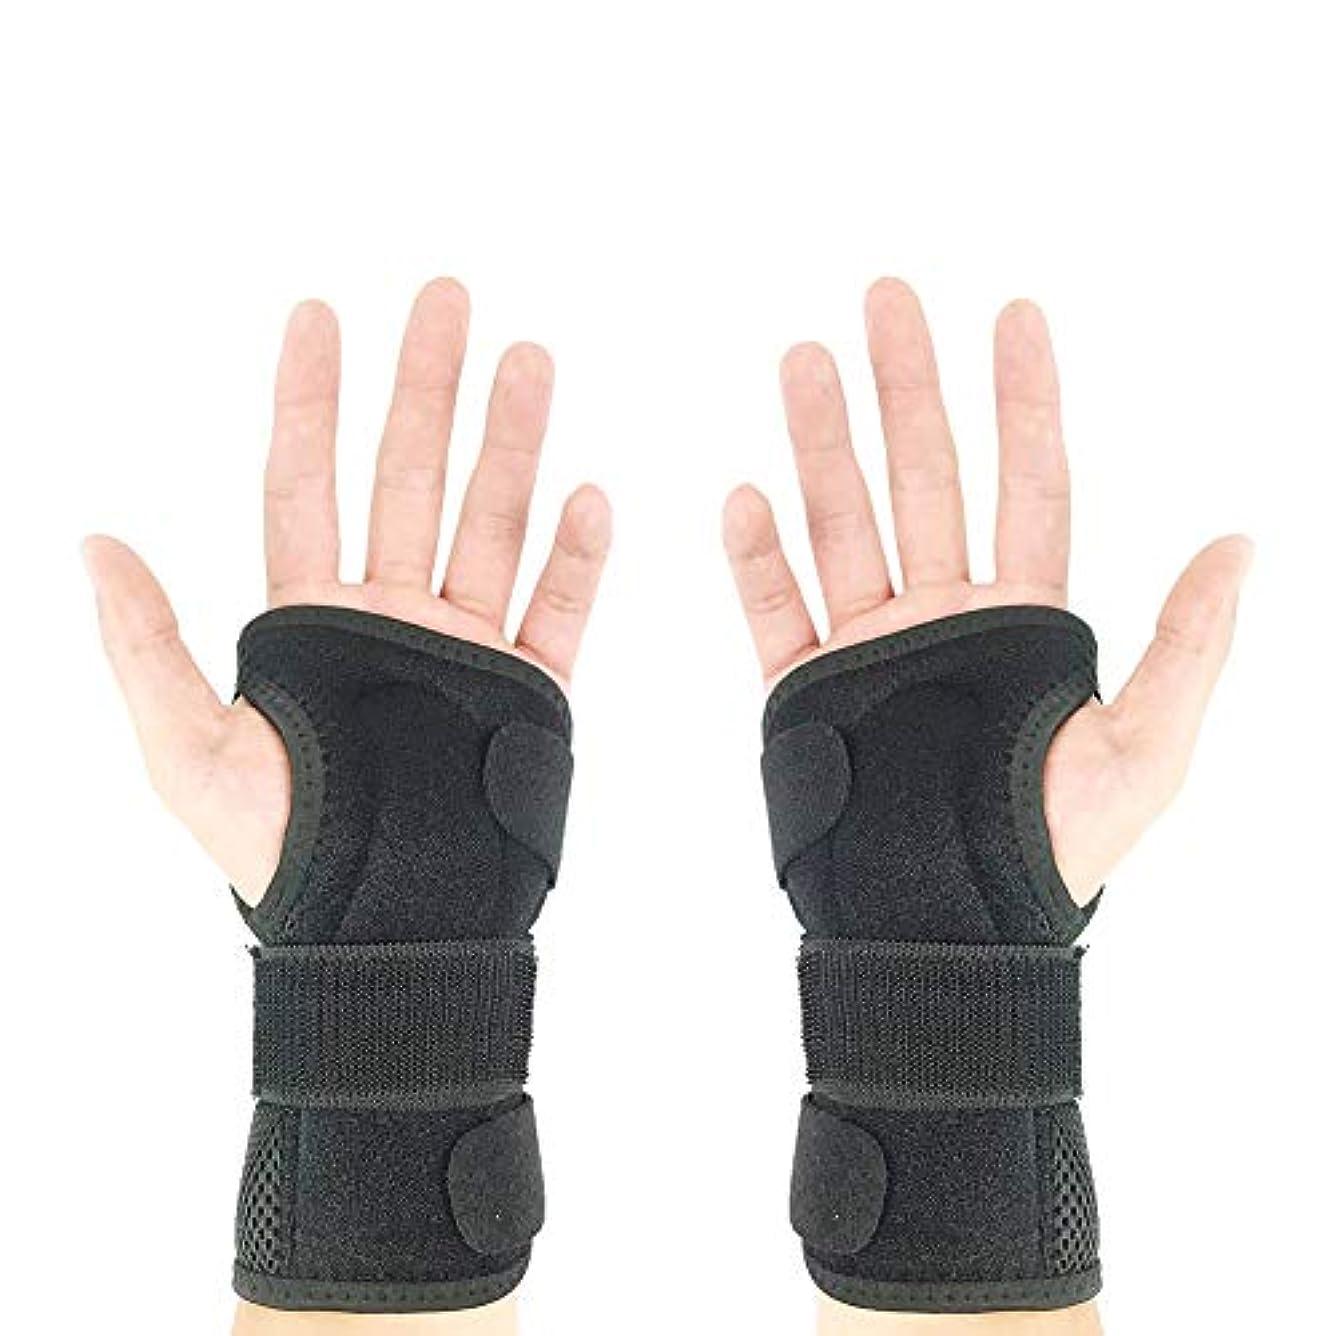 散歩に行くすごいにRadiya 手首 サポーター 手首 固定 通気サポーター 手首保護 捻挫 手根管症候群 腱鞘炎 骨折 サポーター 軽量2つアルミ製プレート 調節可能 フリーサイズ 男女兼用 (両手)